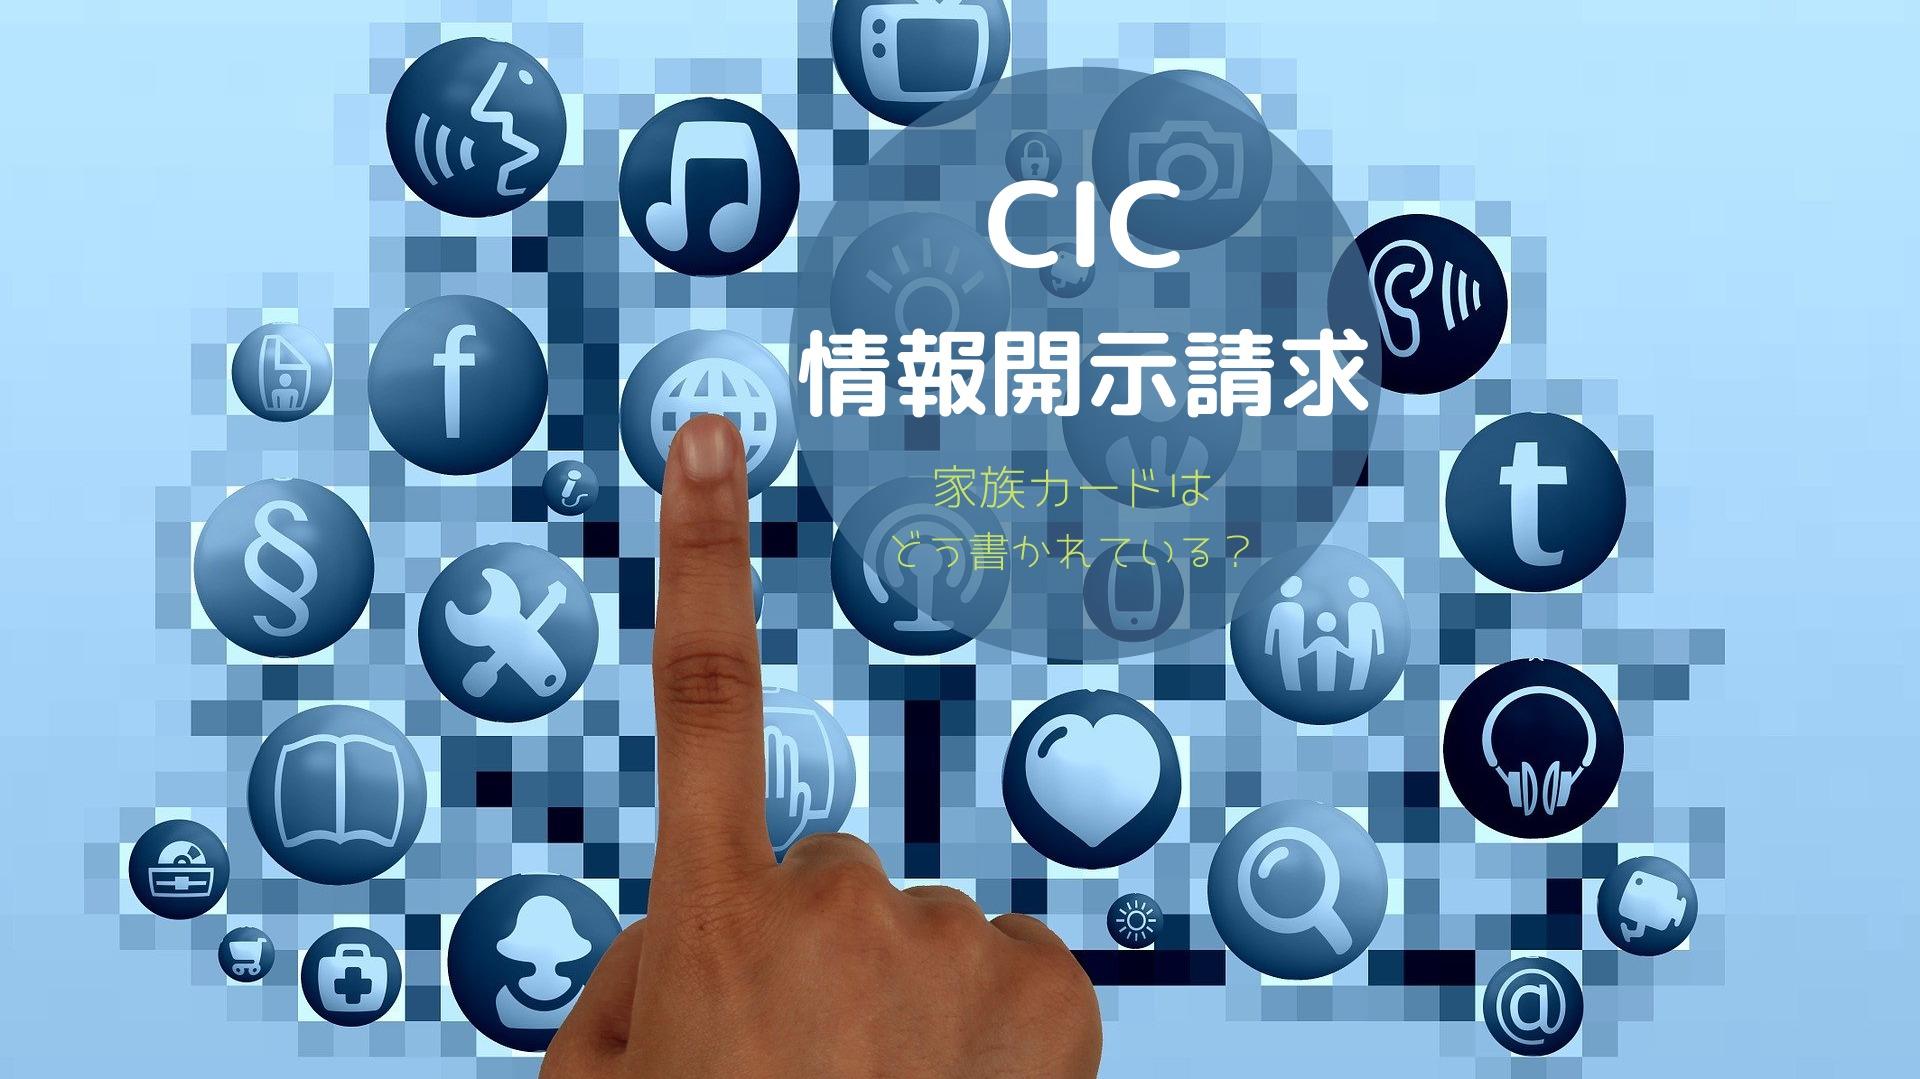 開示 cic 情報 自分の信用度がわかる!? CIC窓口へ情報開示請求に行ってみた!